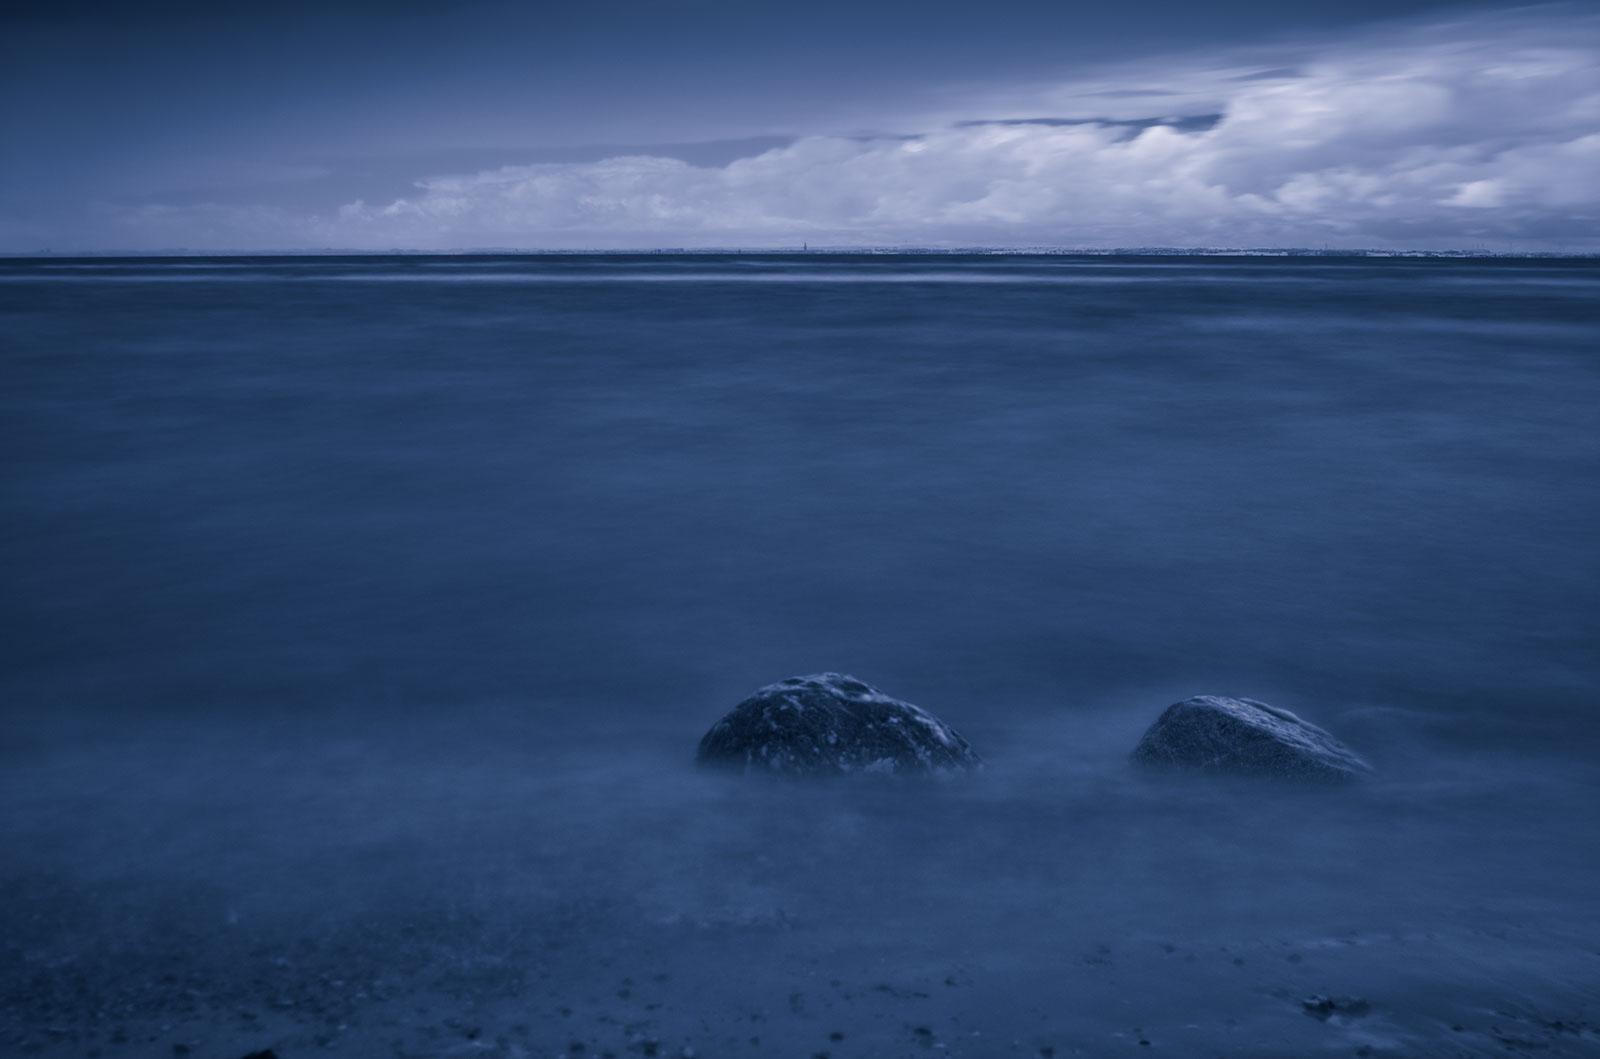 Stormy weather - # 2